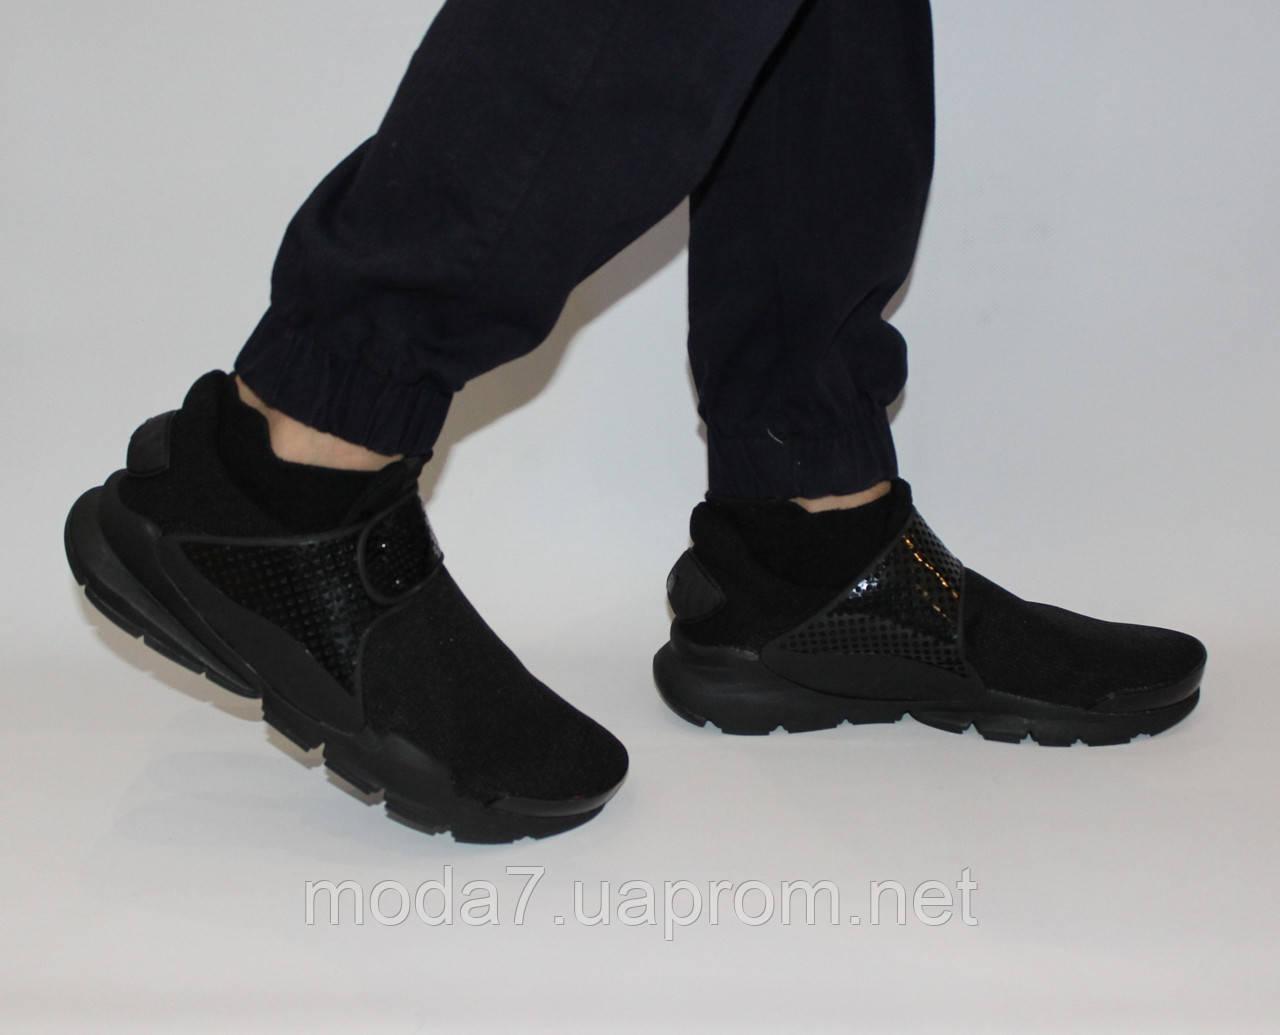 Кроссовки мужские черные Nike sock dart сетка реплика